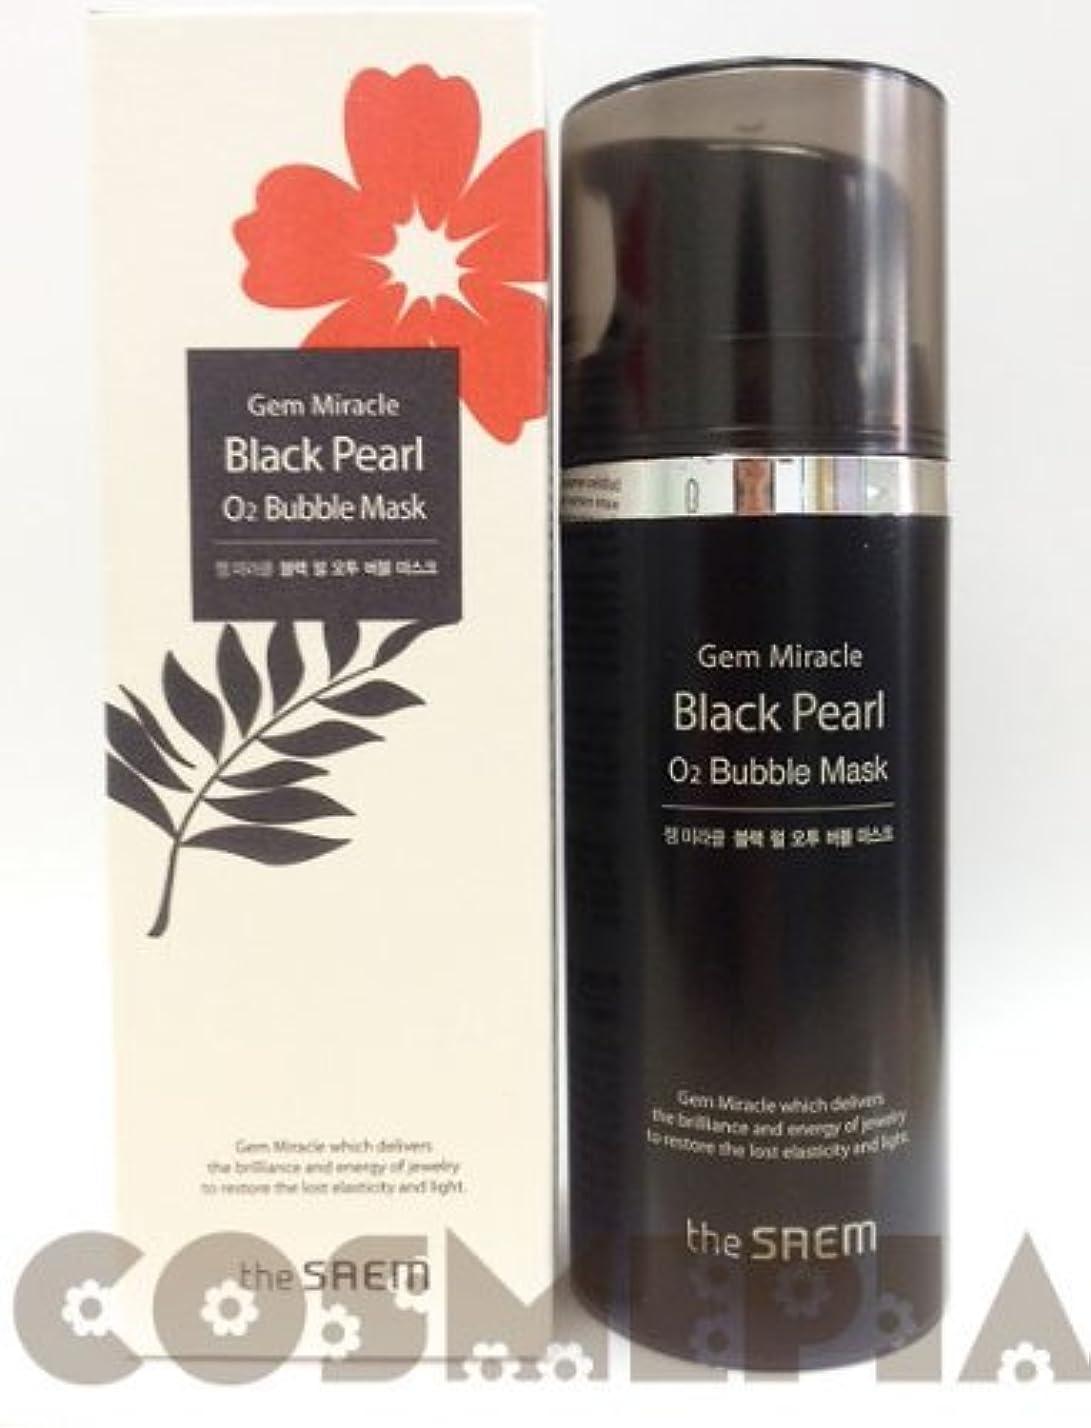 ビッグサイズ ザ?セム ジェム ミラクル ブラックパールO2 バブルマスク 105g the saem Gem Miracle Black Pea...